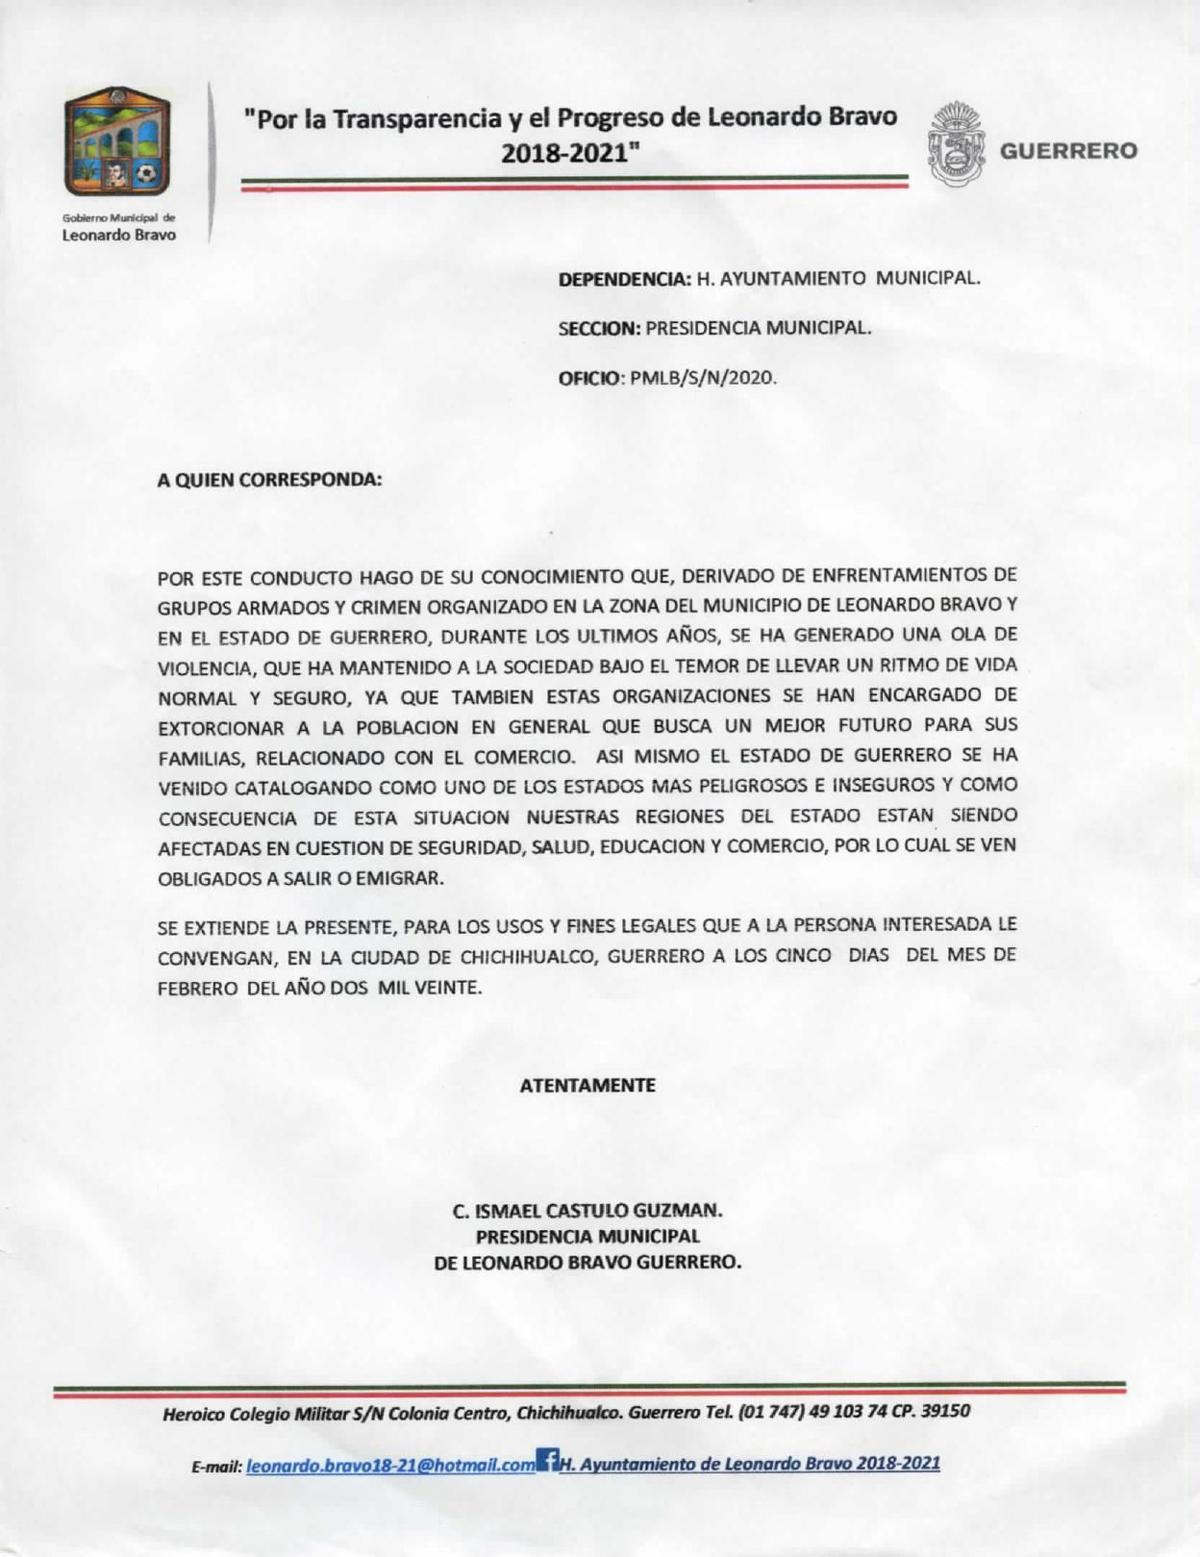 PDF: Letter to residents in Leonardo Bravo, Mexico